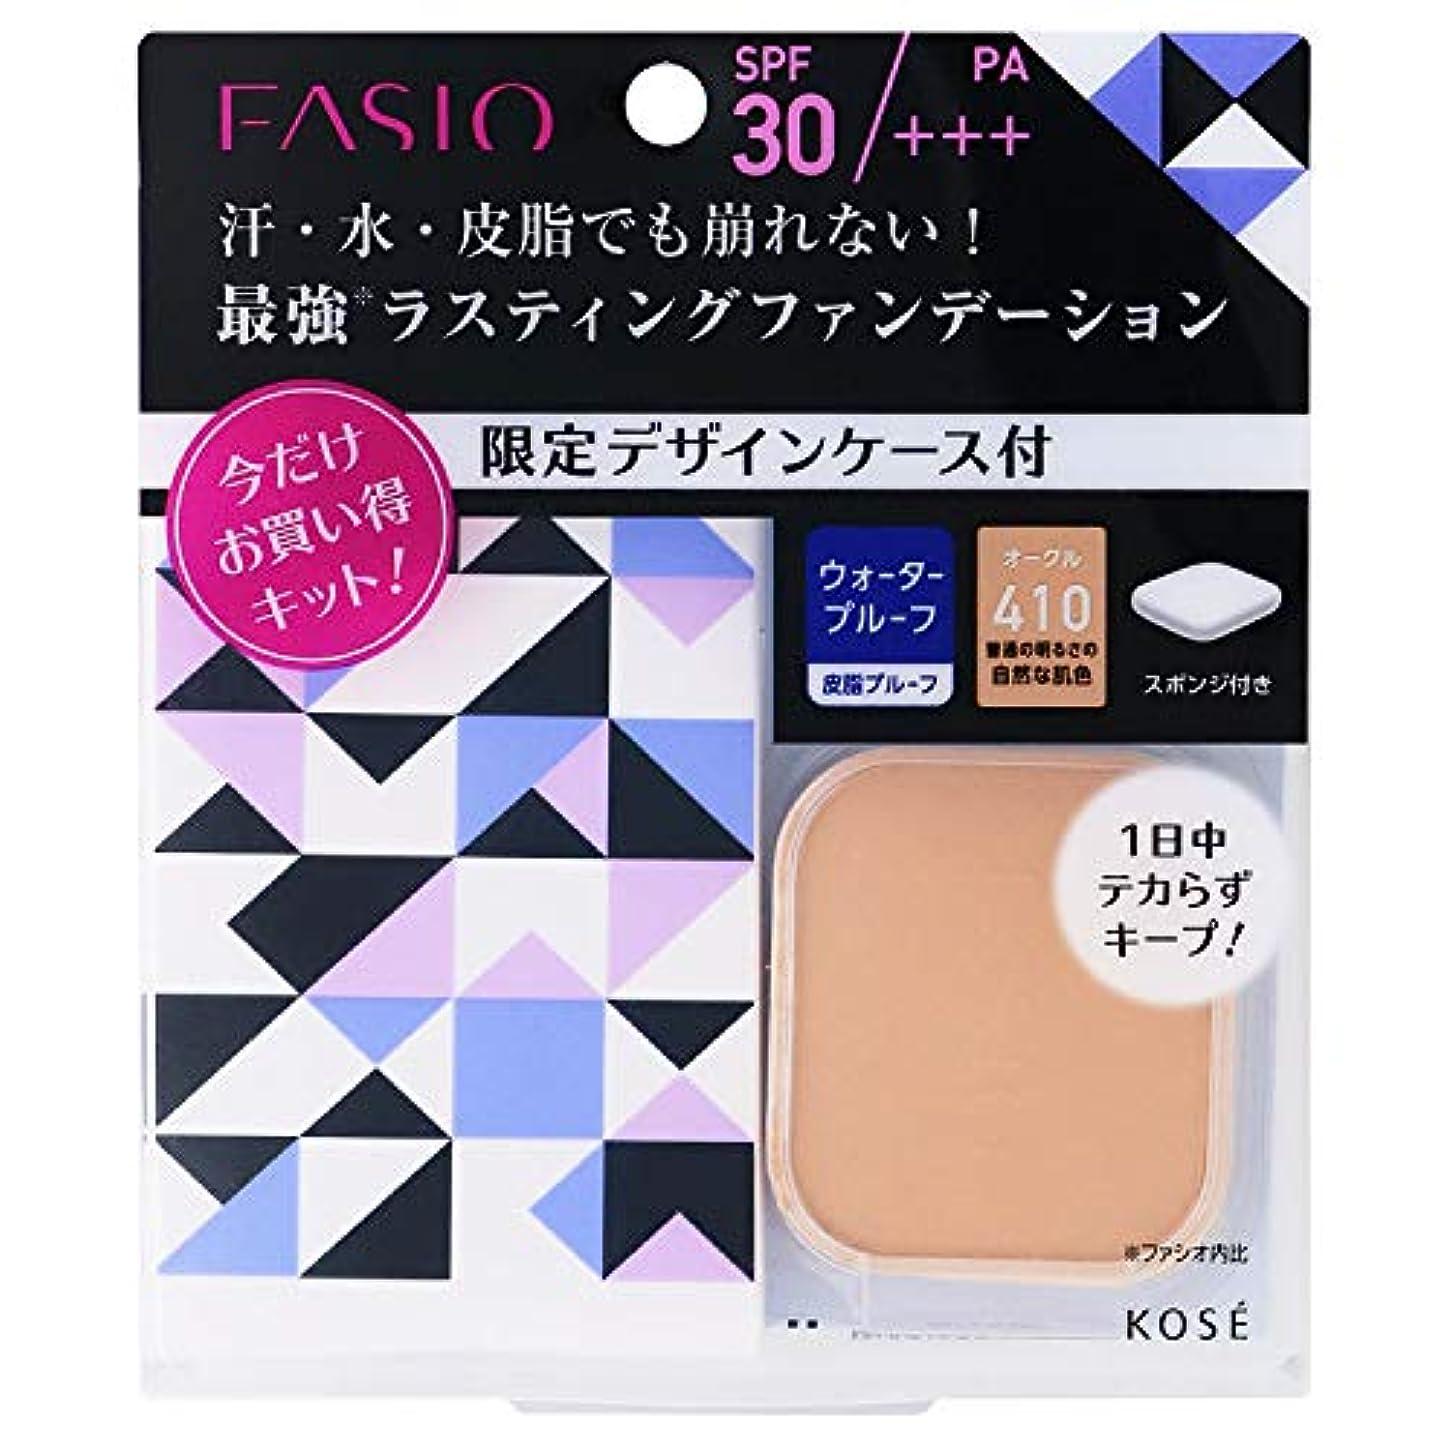 カジュアル感嘆符とファシオ ラスティング ファンデーション WP キット 3 410 オークル 普通の明るさの自然な肌色 10g